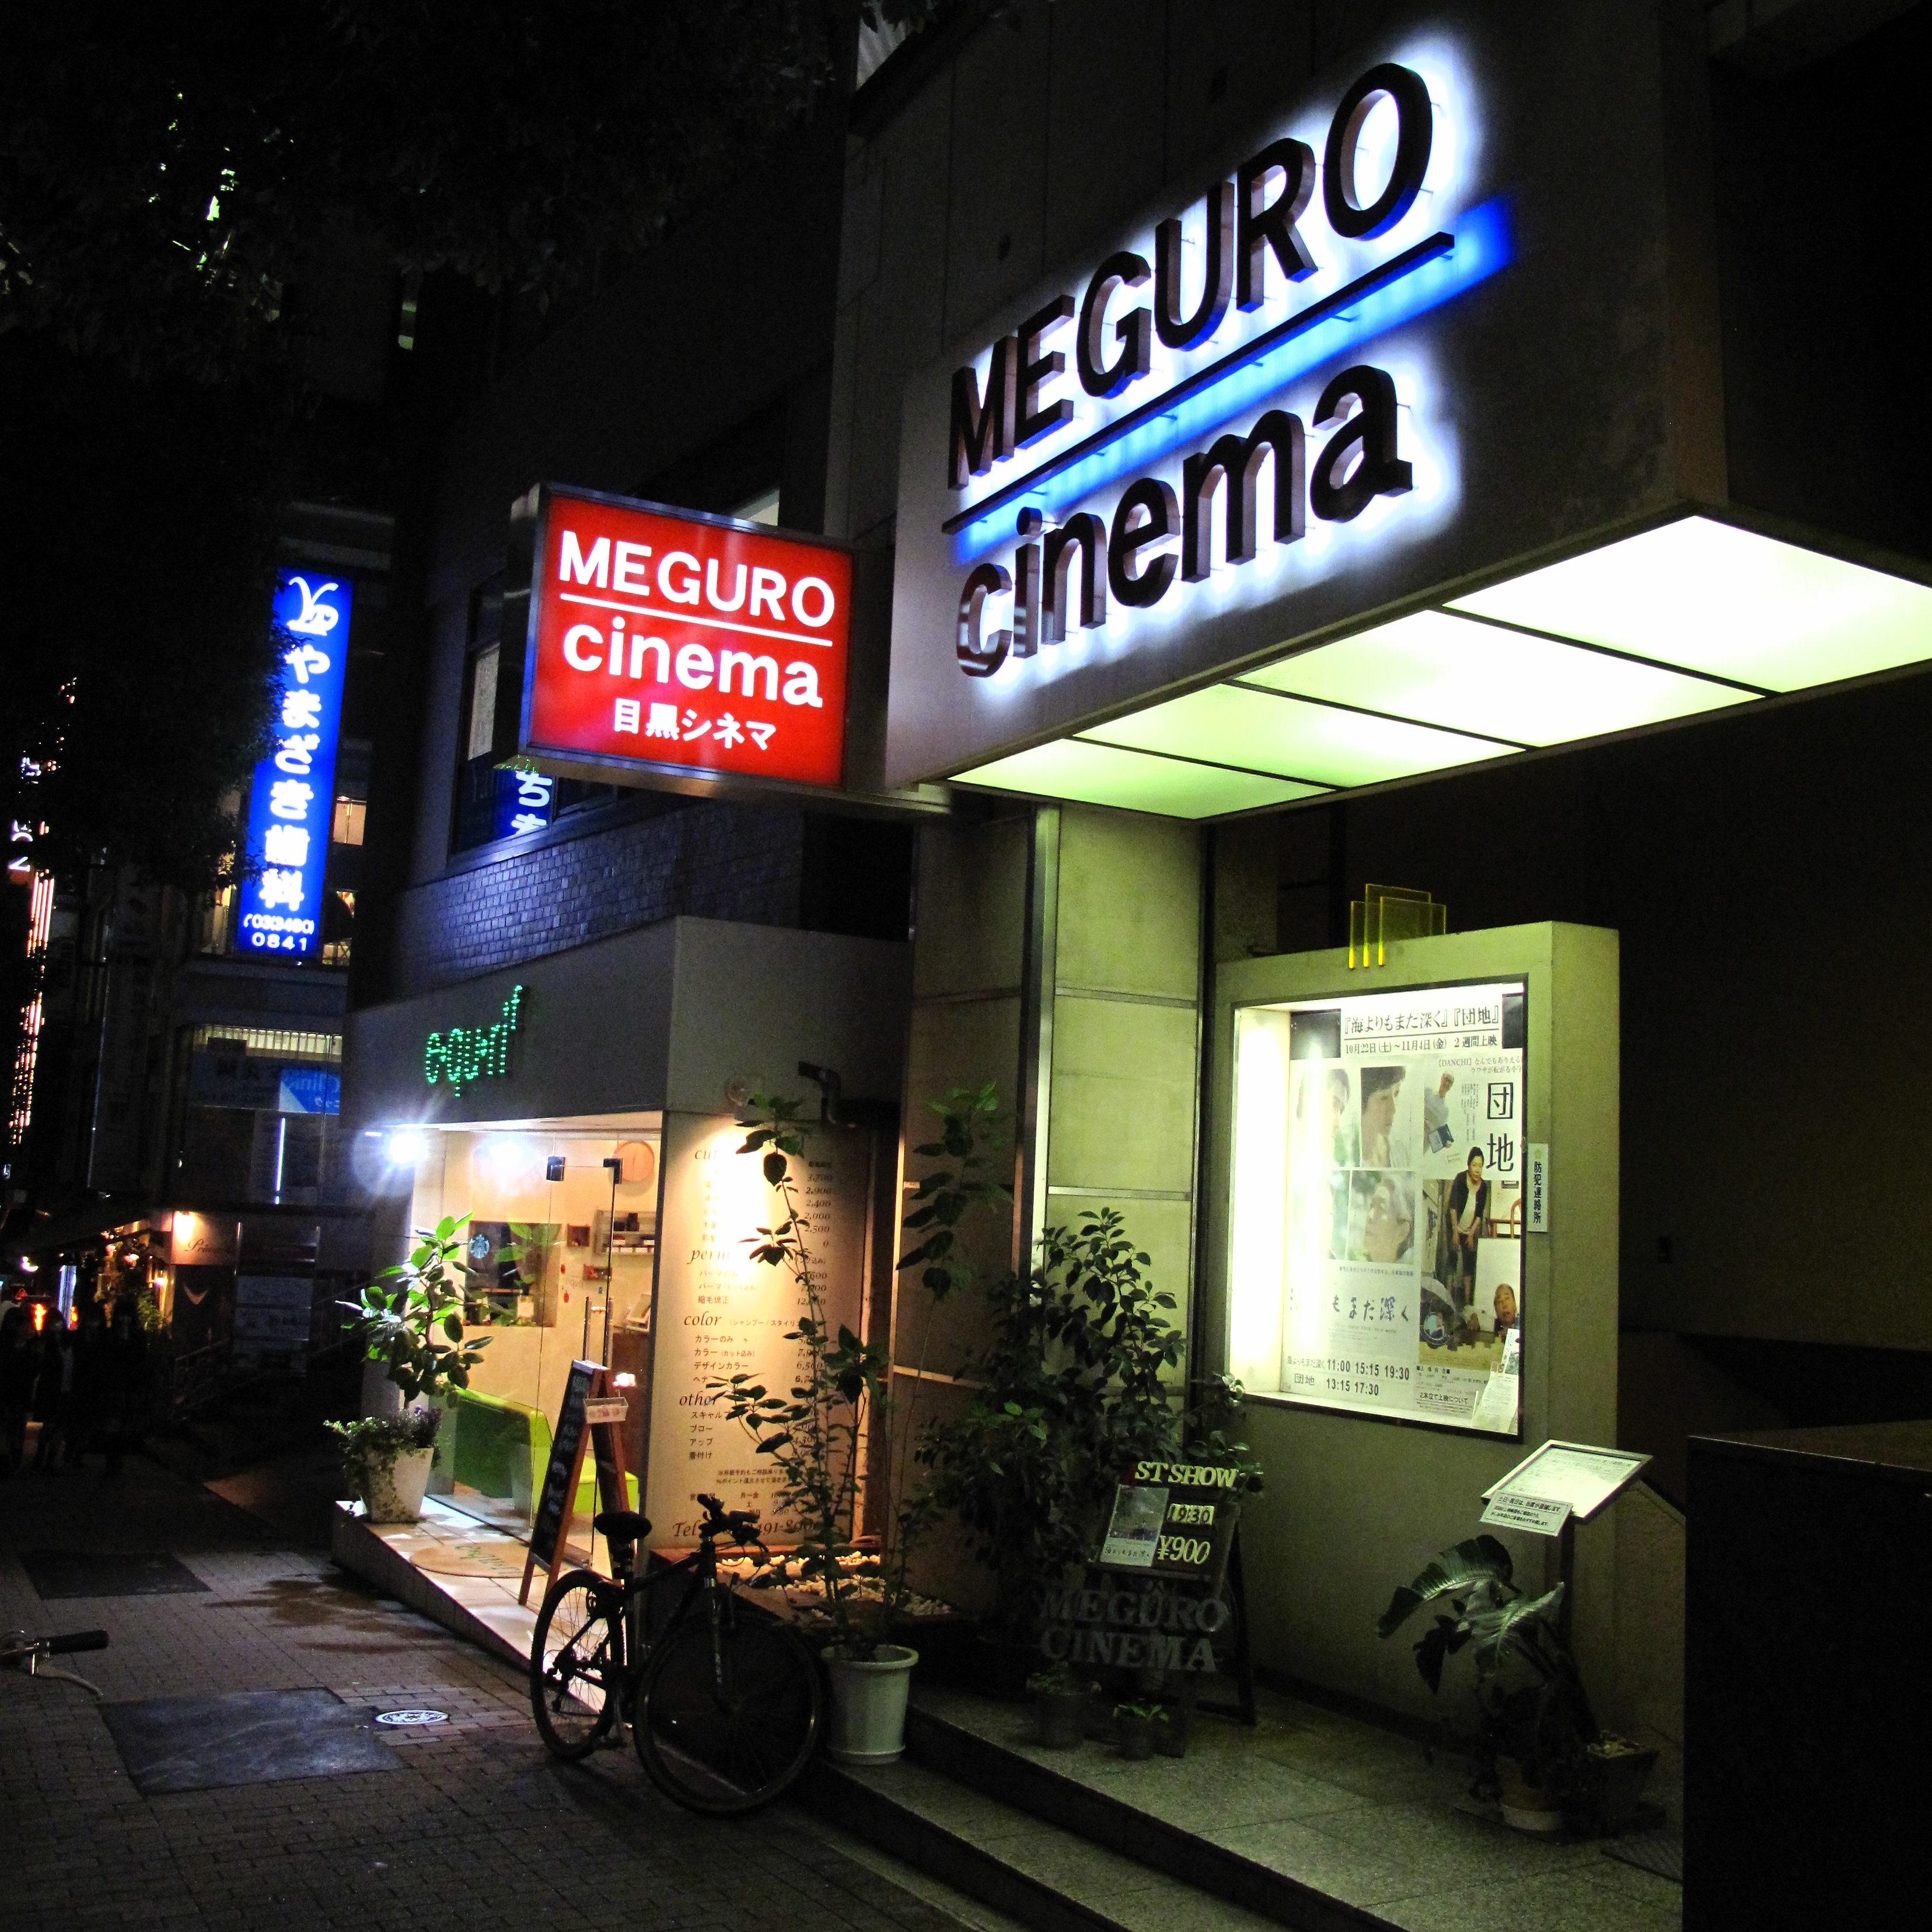 目黒シネマ(東京都)